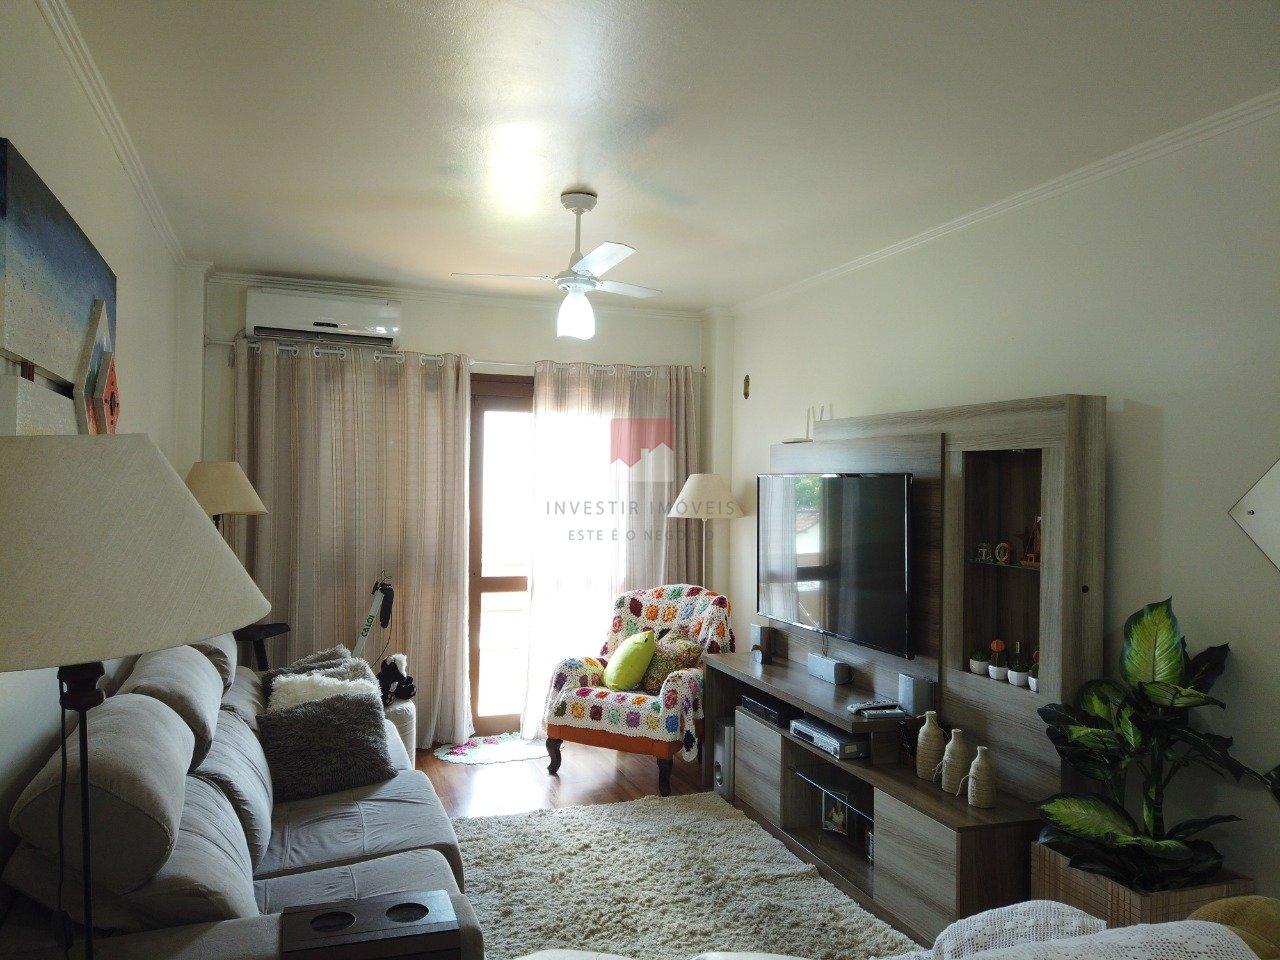 Apartamento com 2 dormitórios no bairro Centro, Dois Irmãos, Edifício Bavária